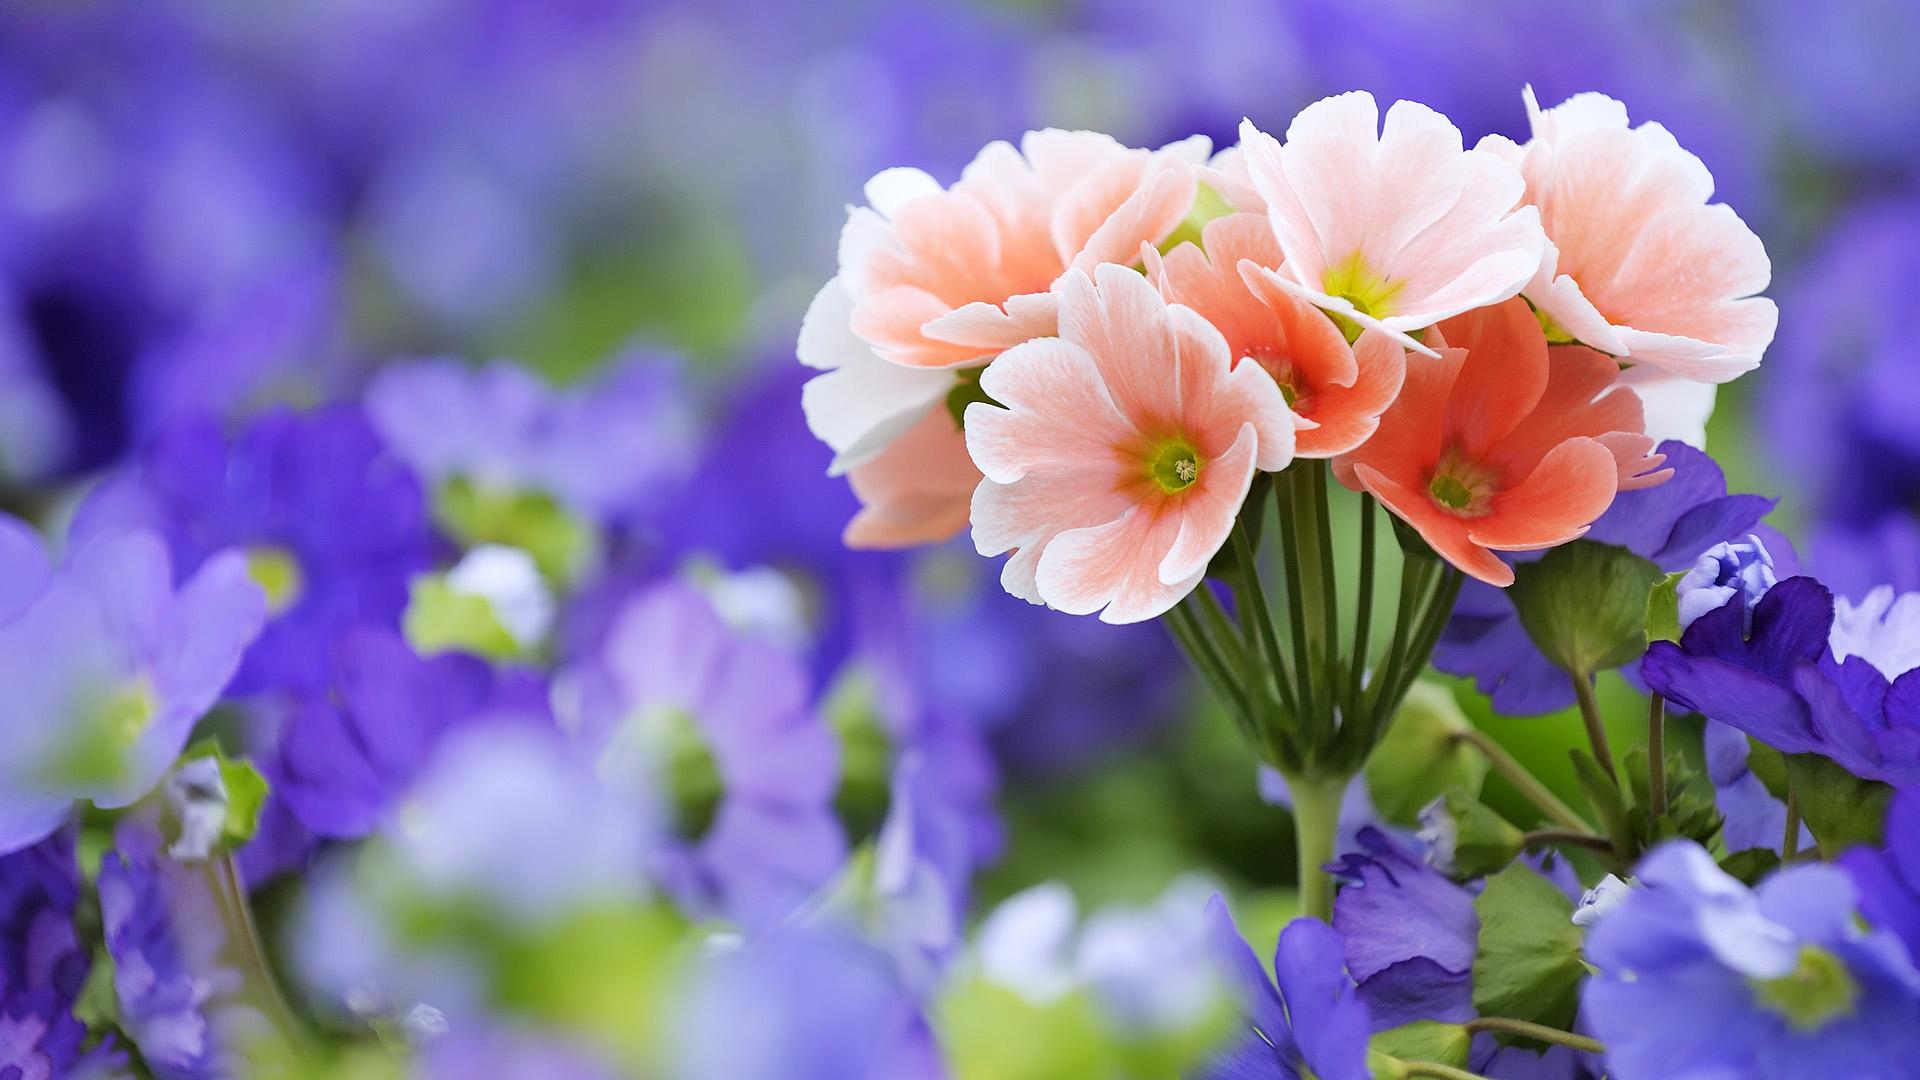 цветы полевые розовые без смс